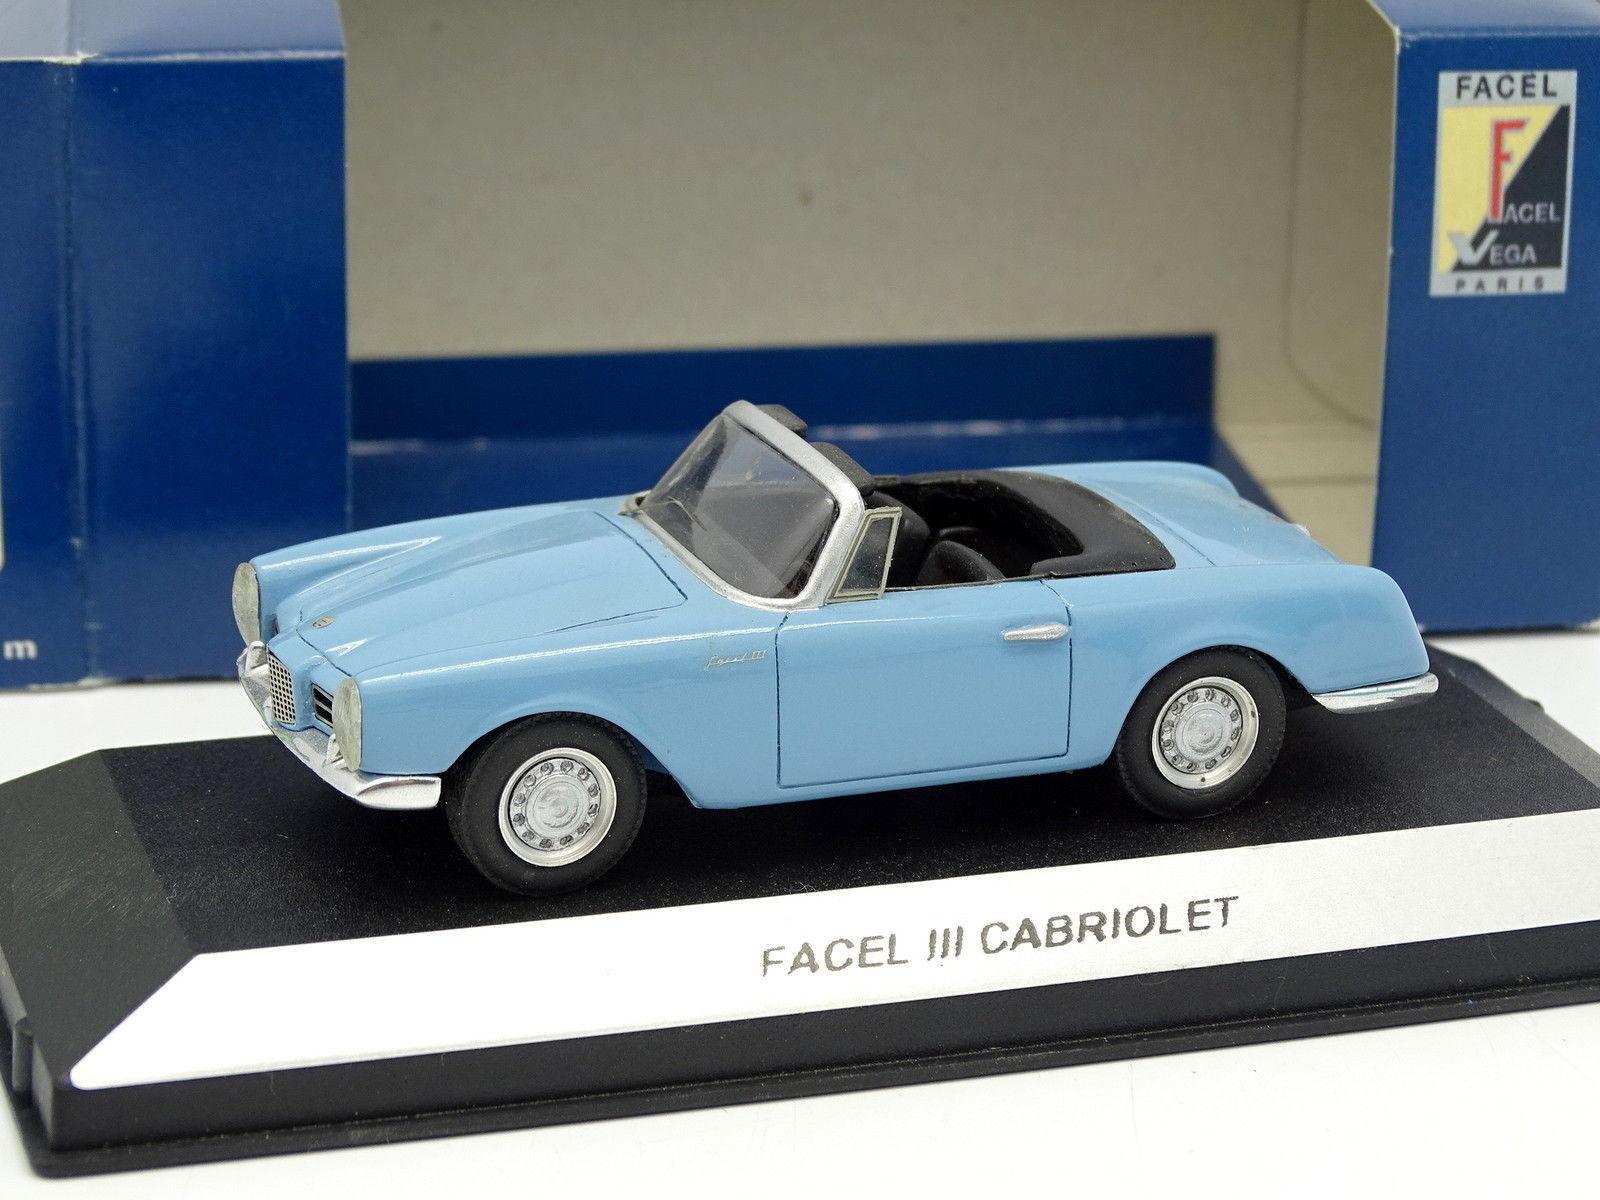 Starter N7 Provence Résine 1 43 - Facel III Cabriolet Bleue